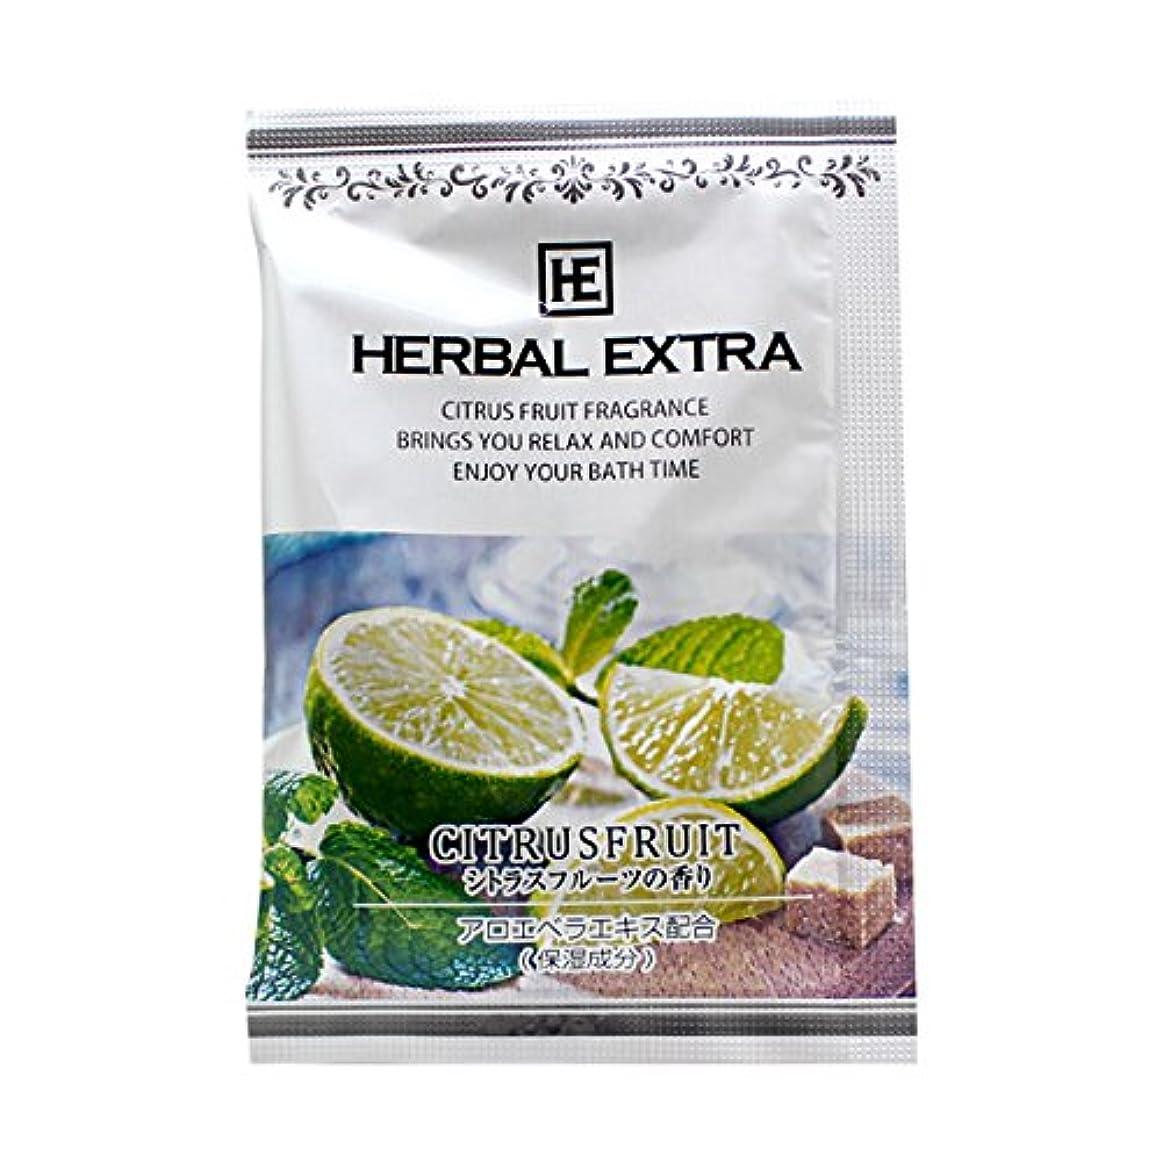 新鮮な苦痛強大な入浴剤 ハーバルエクストラ「シトラスフルーツの香り」30個